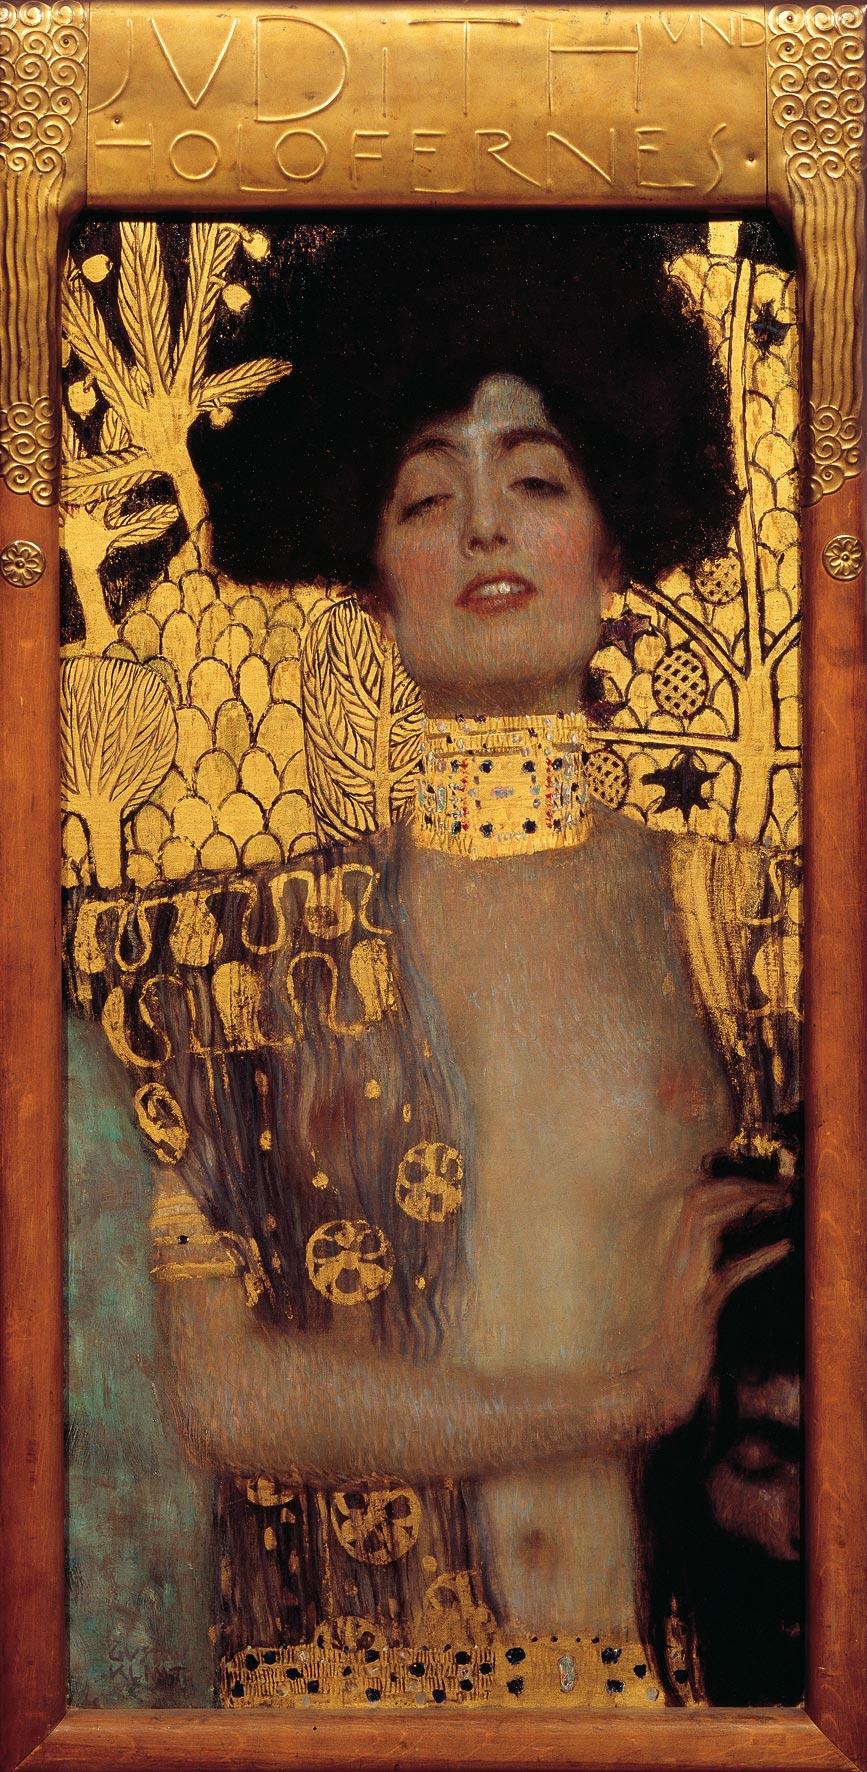 Gustav Klimt, Giuditta I (1901; olio su tela, 84 x 42 cm; Vienna, Österreichische Galerie Belvedere)